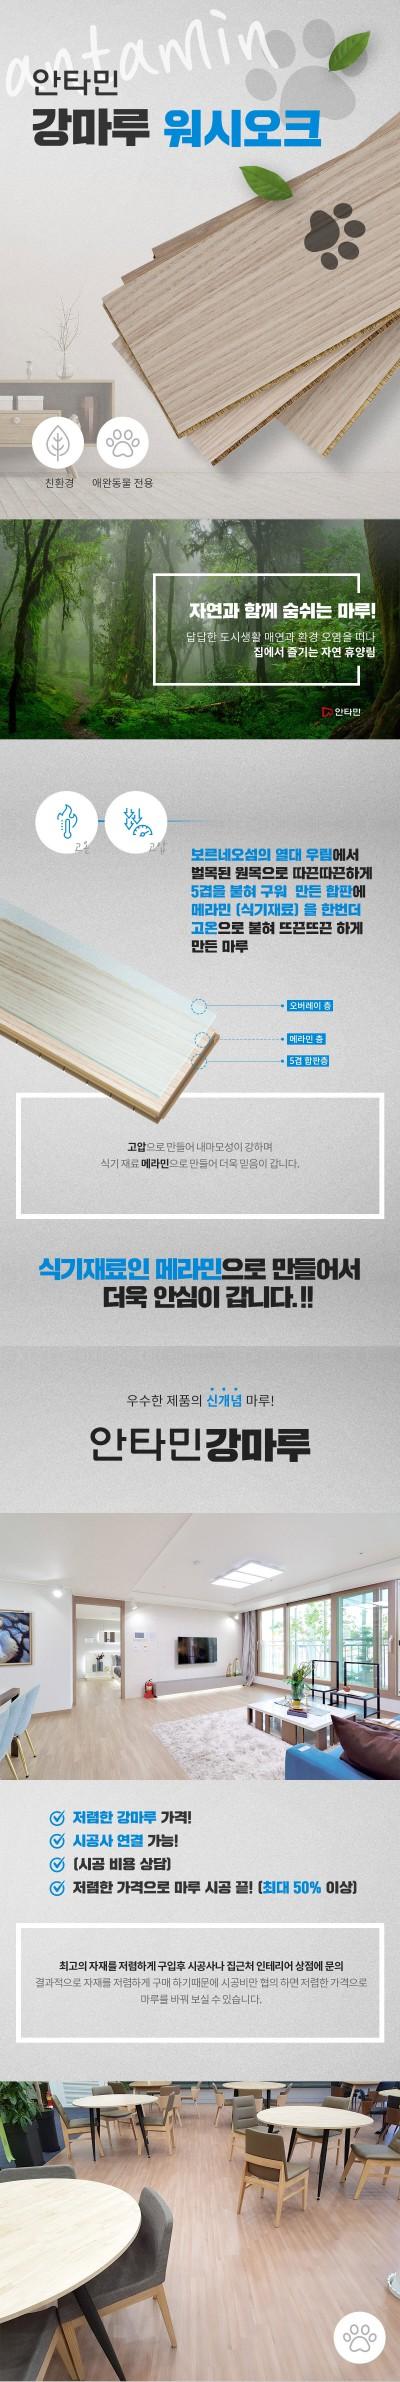 [D163]강마루 상세페이지 제작